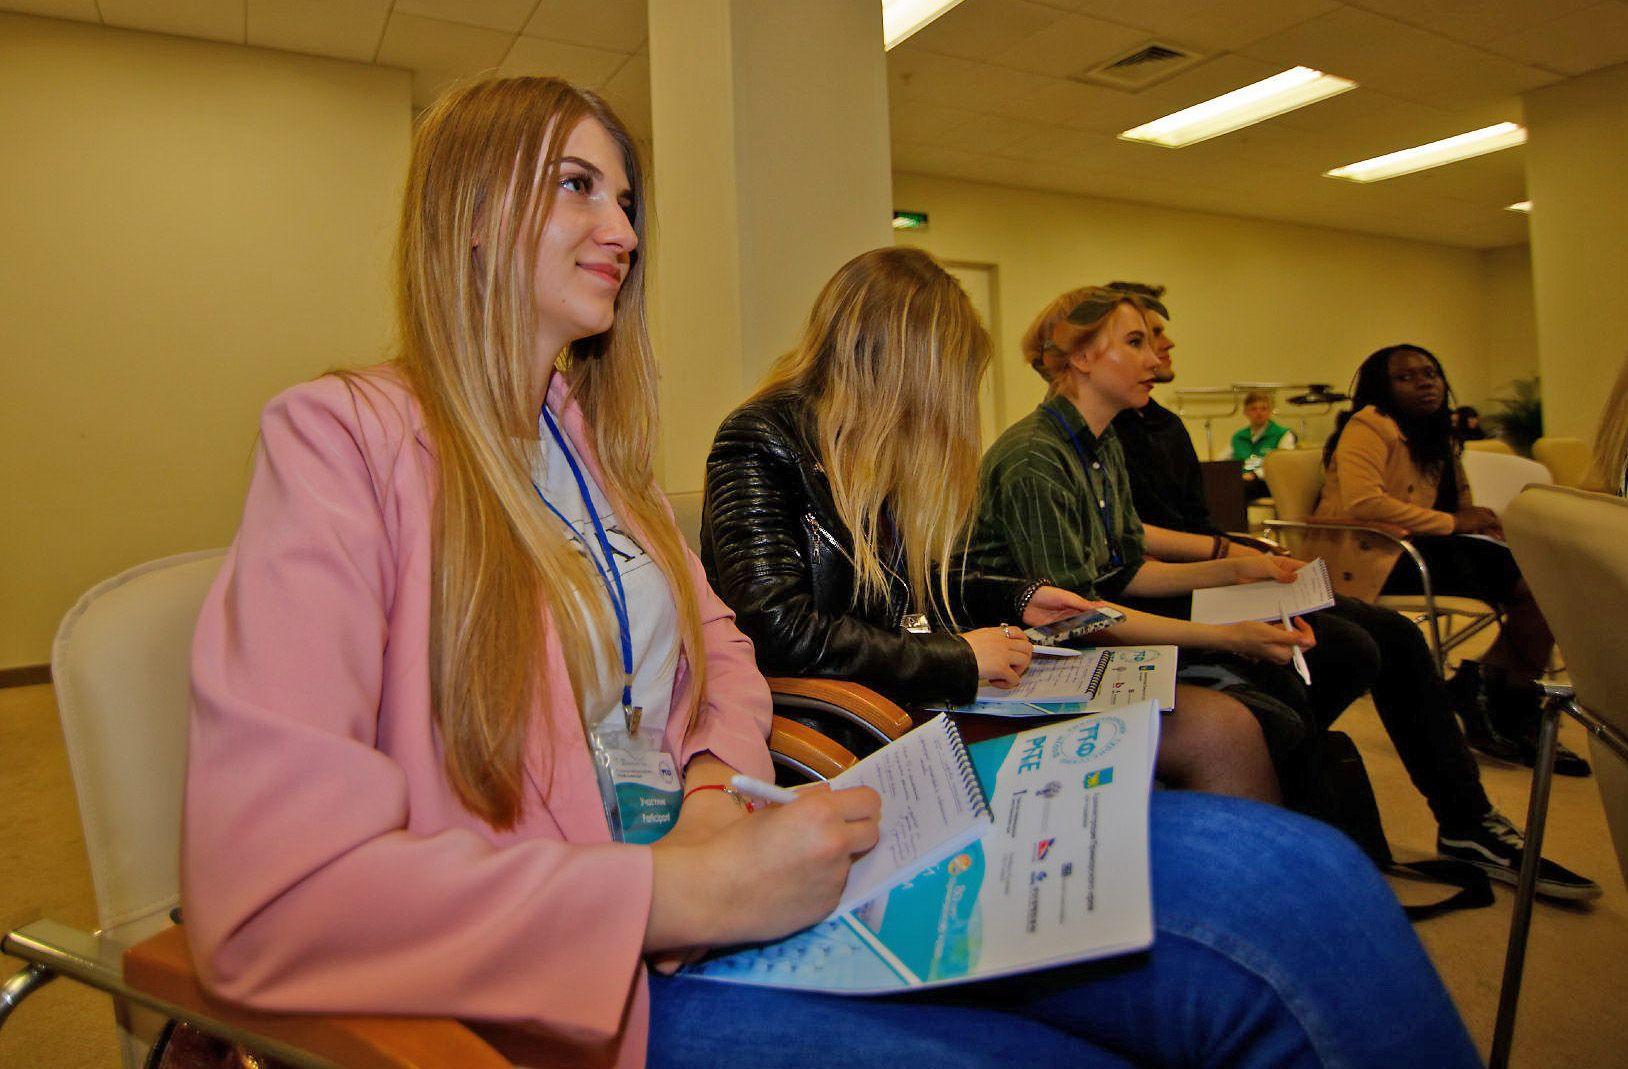 Студенты кафедры туризма и экологии – организаторы и участники Международного молодежного туристского конгресса